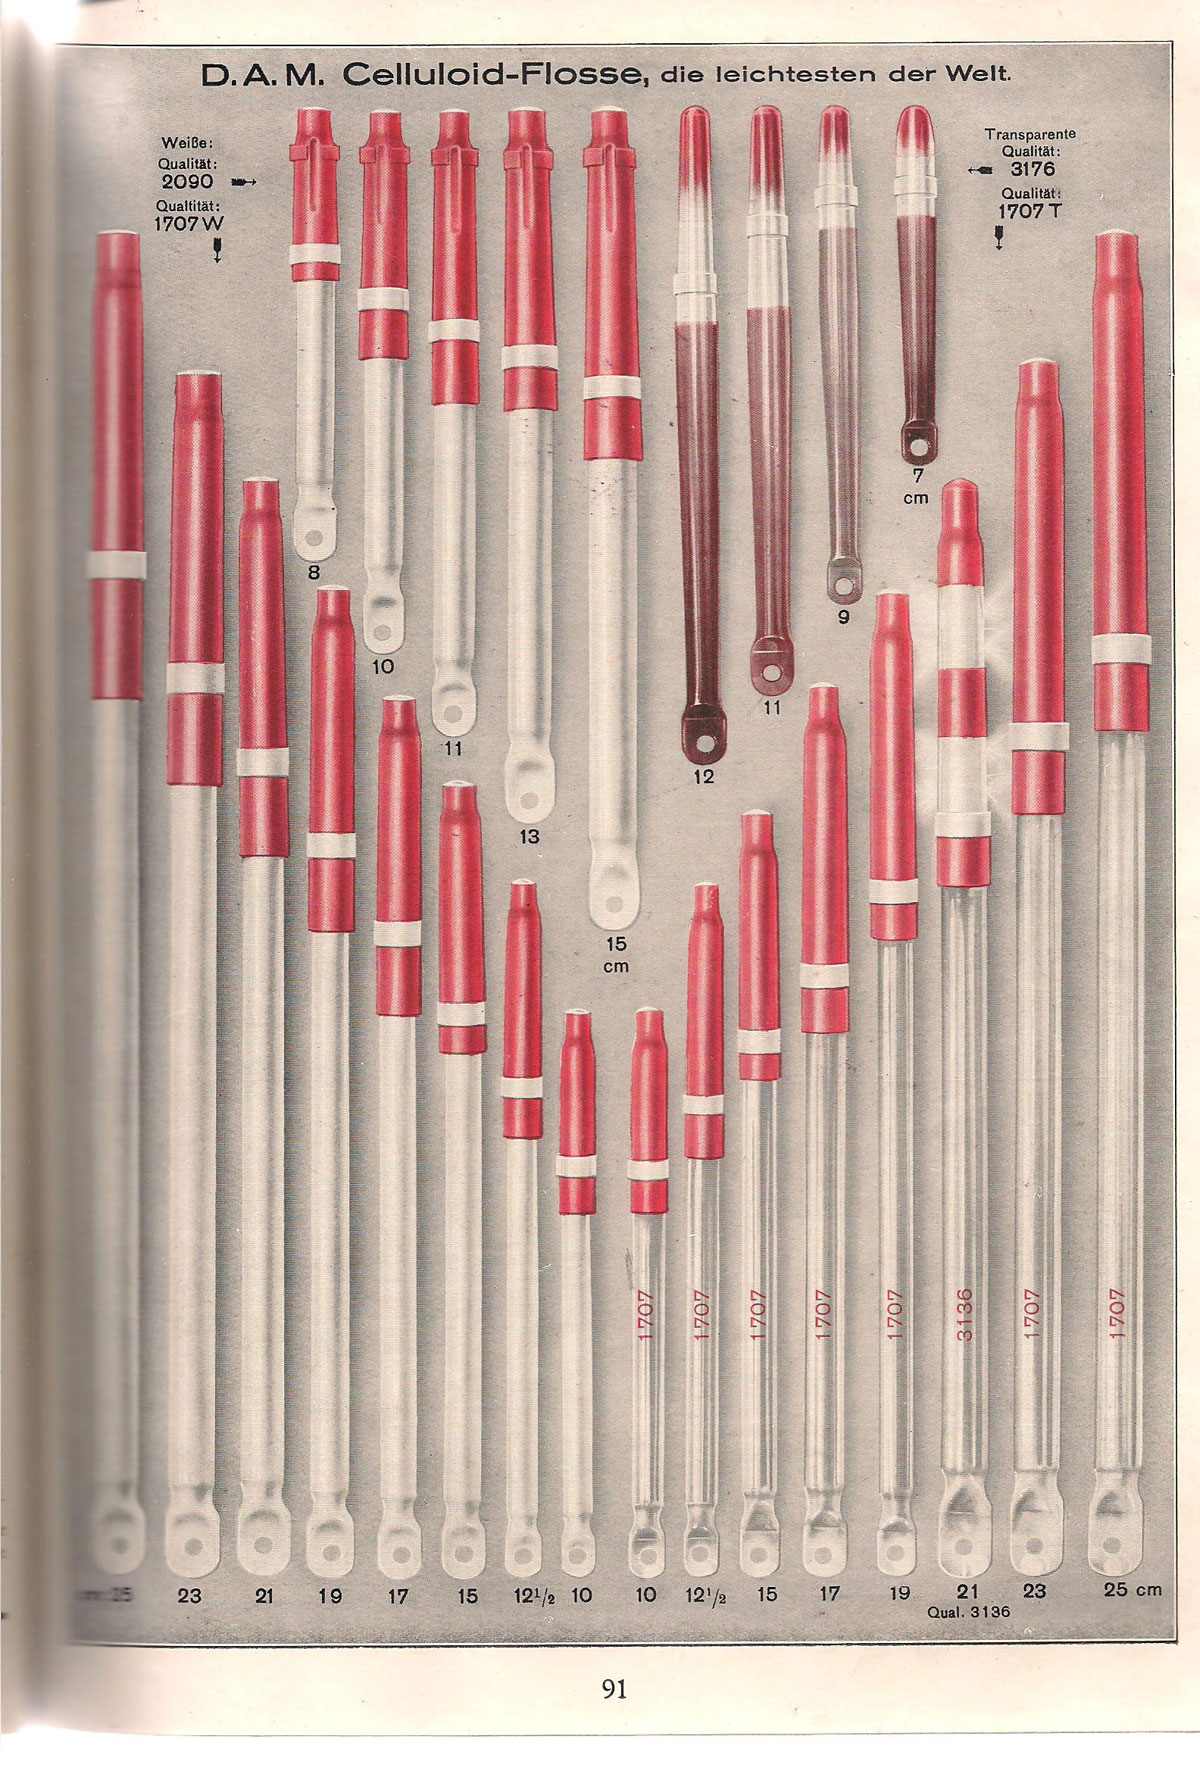 Aus dem DAM-Katalog von 1933.